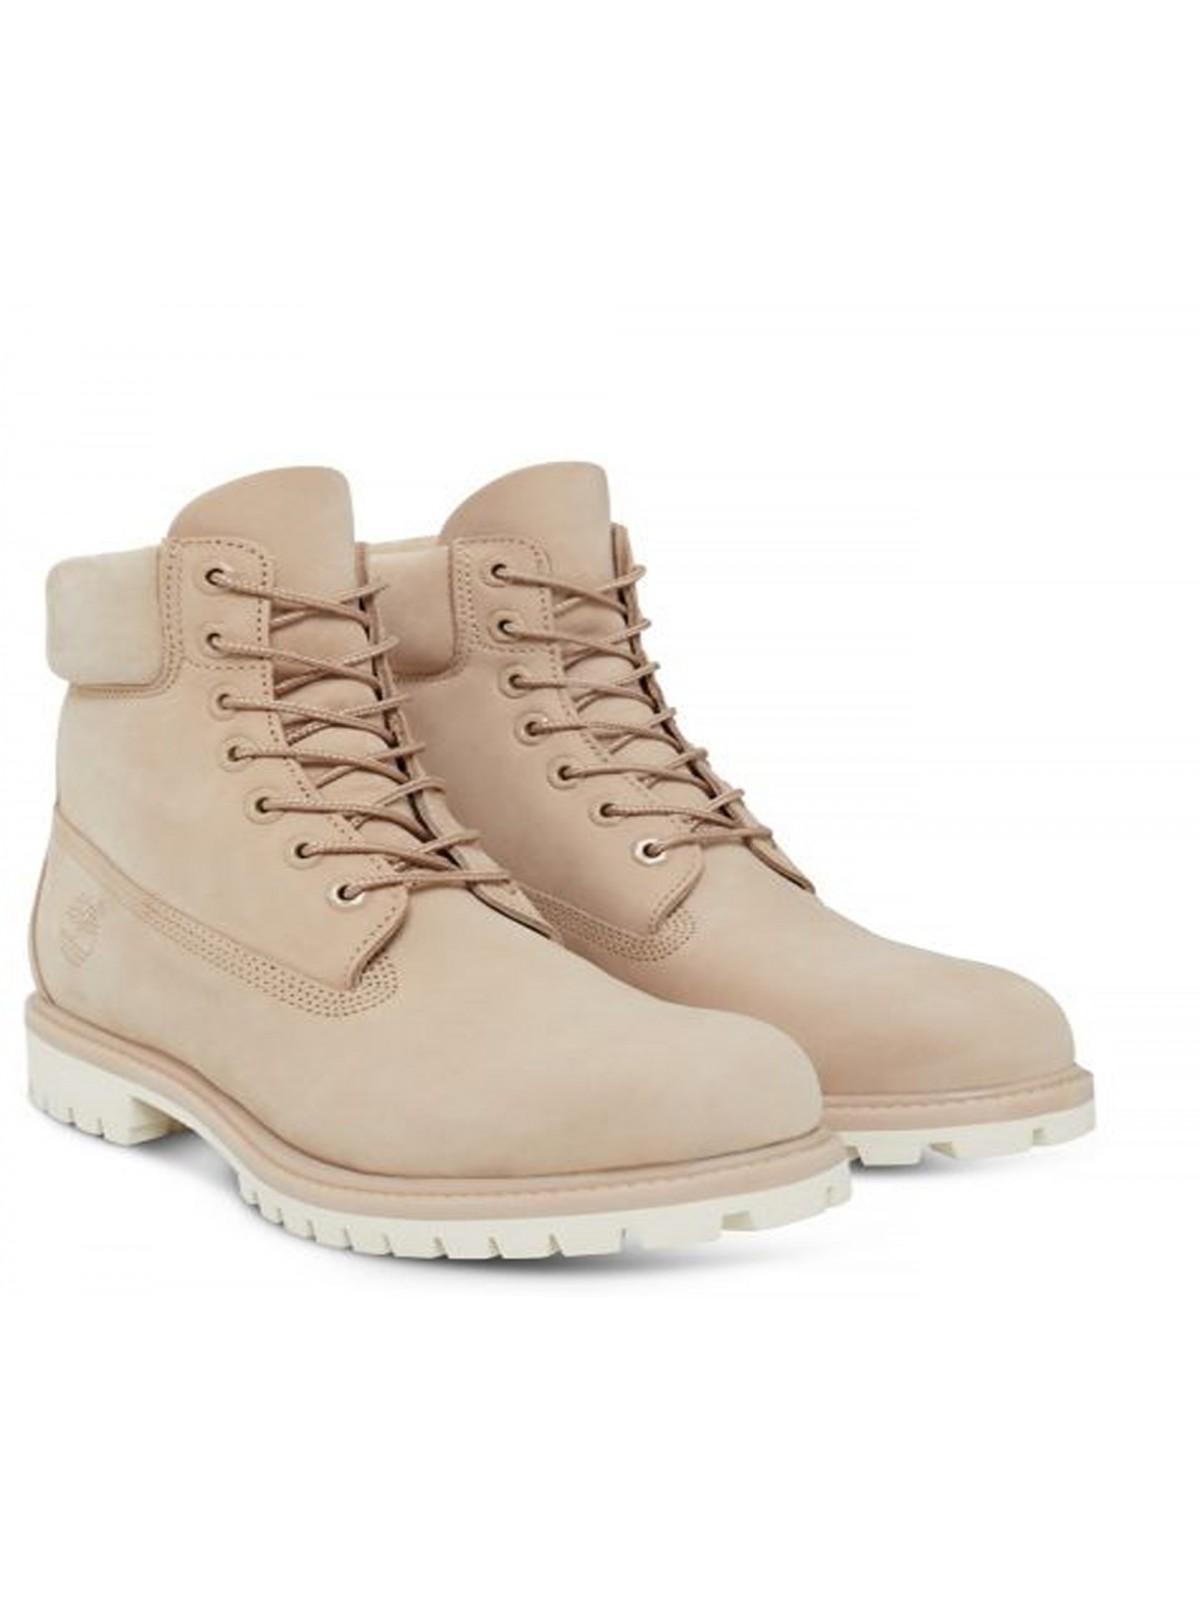 Timberland Icon 6 junior premium boots croissant